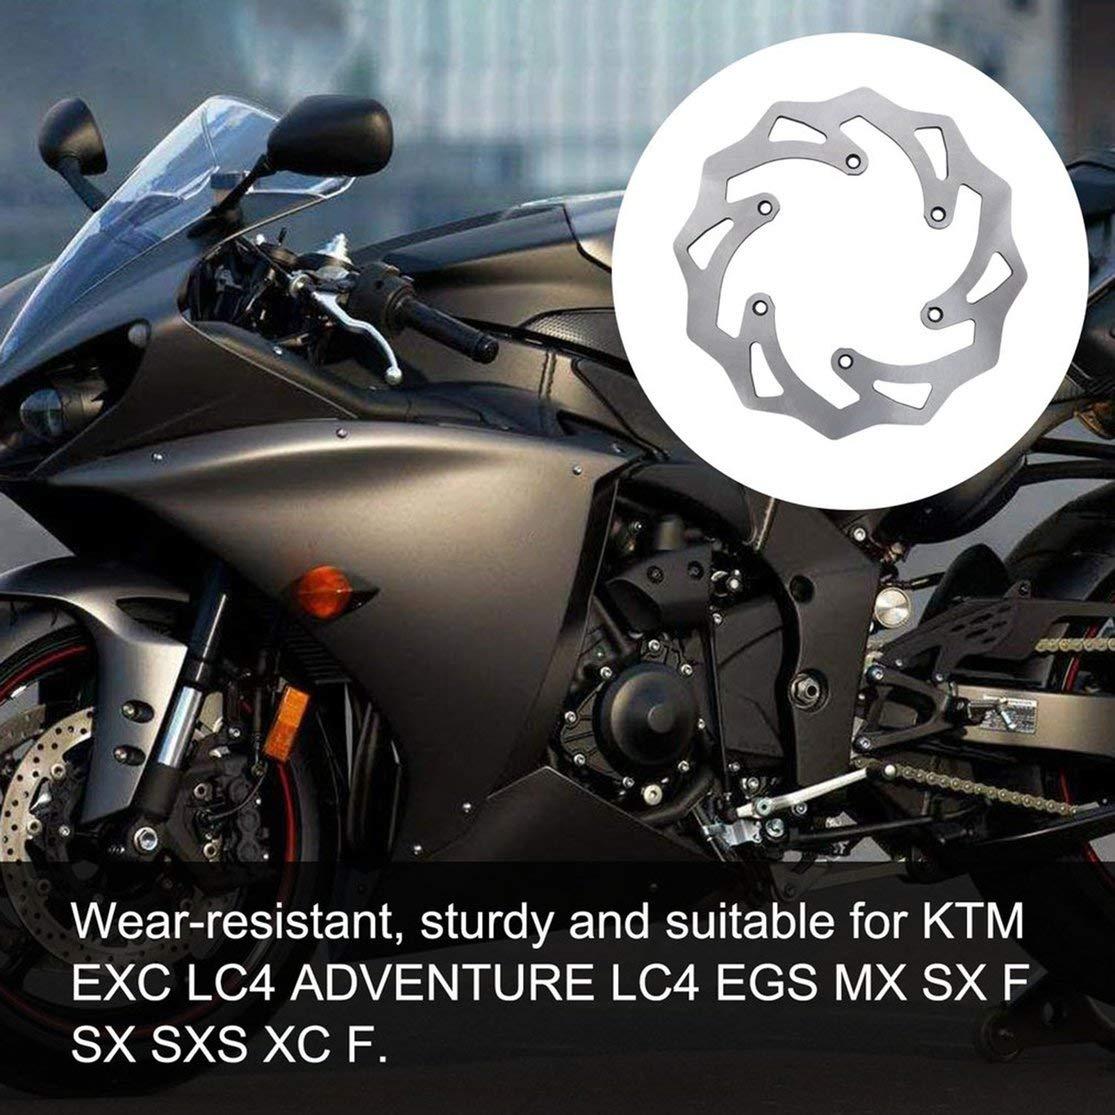 LouiseEvel215 Motorrad Bremsscheibe Rotor Hinten F/ür KTM Exc Lc4 Abenteuer Lc4 Egs Mx Sx F Sx Sxs Xc F Bester Ersatz